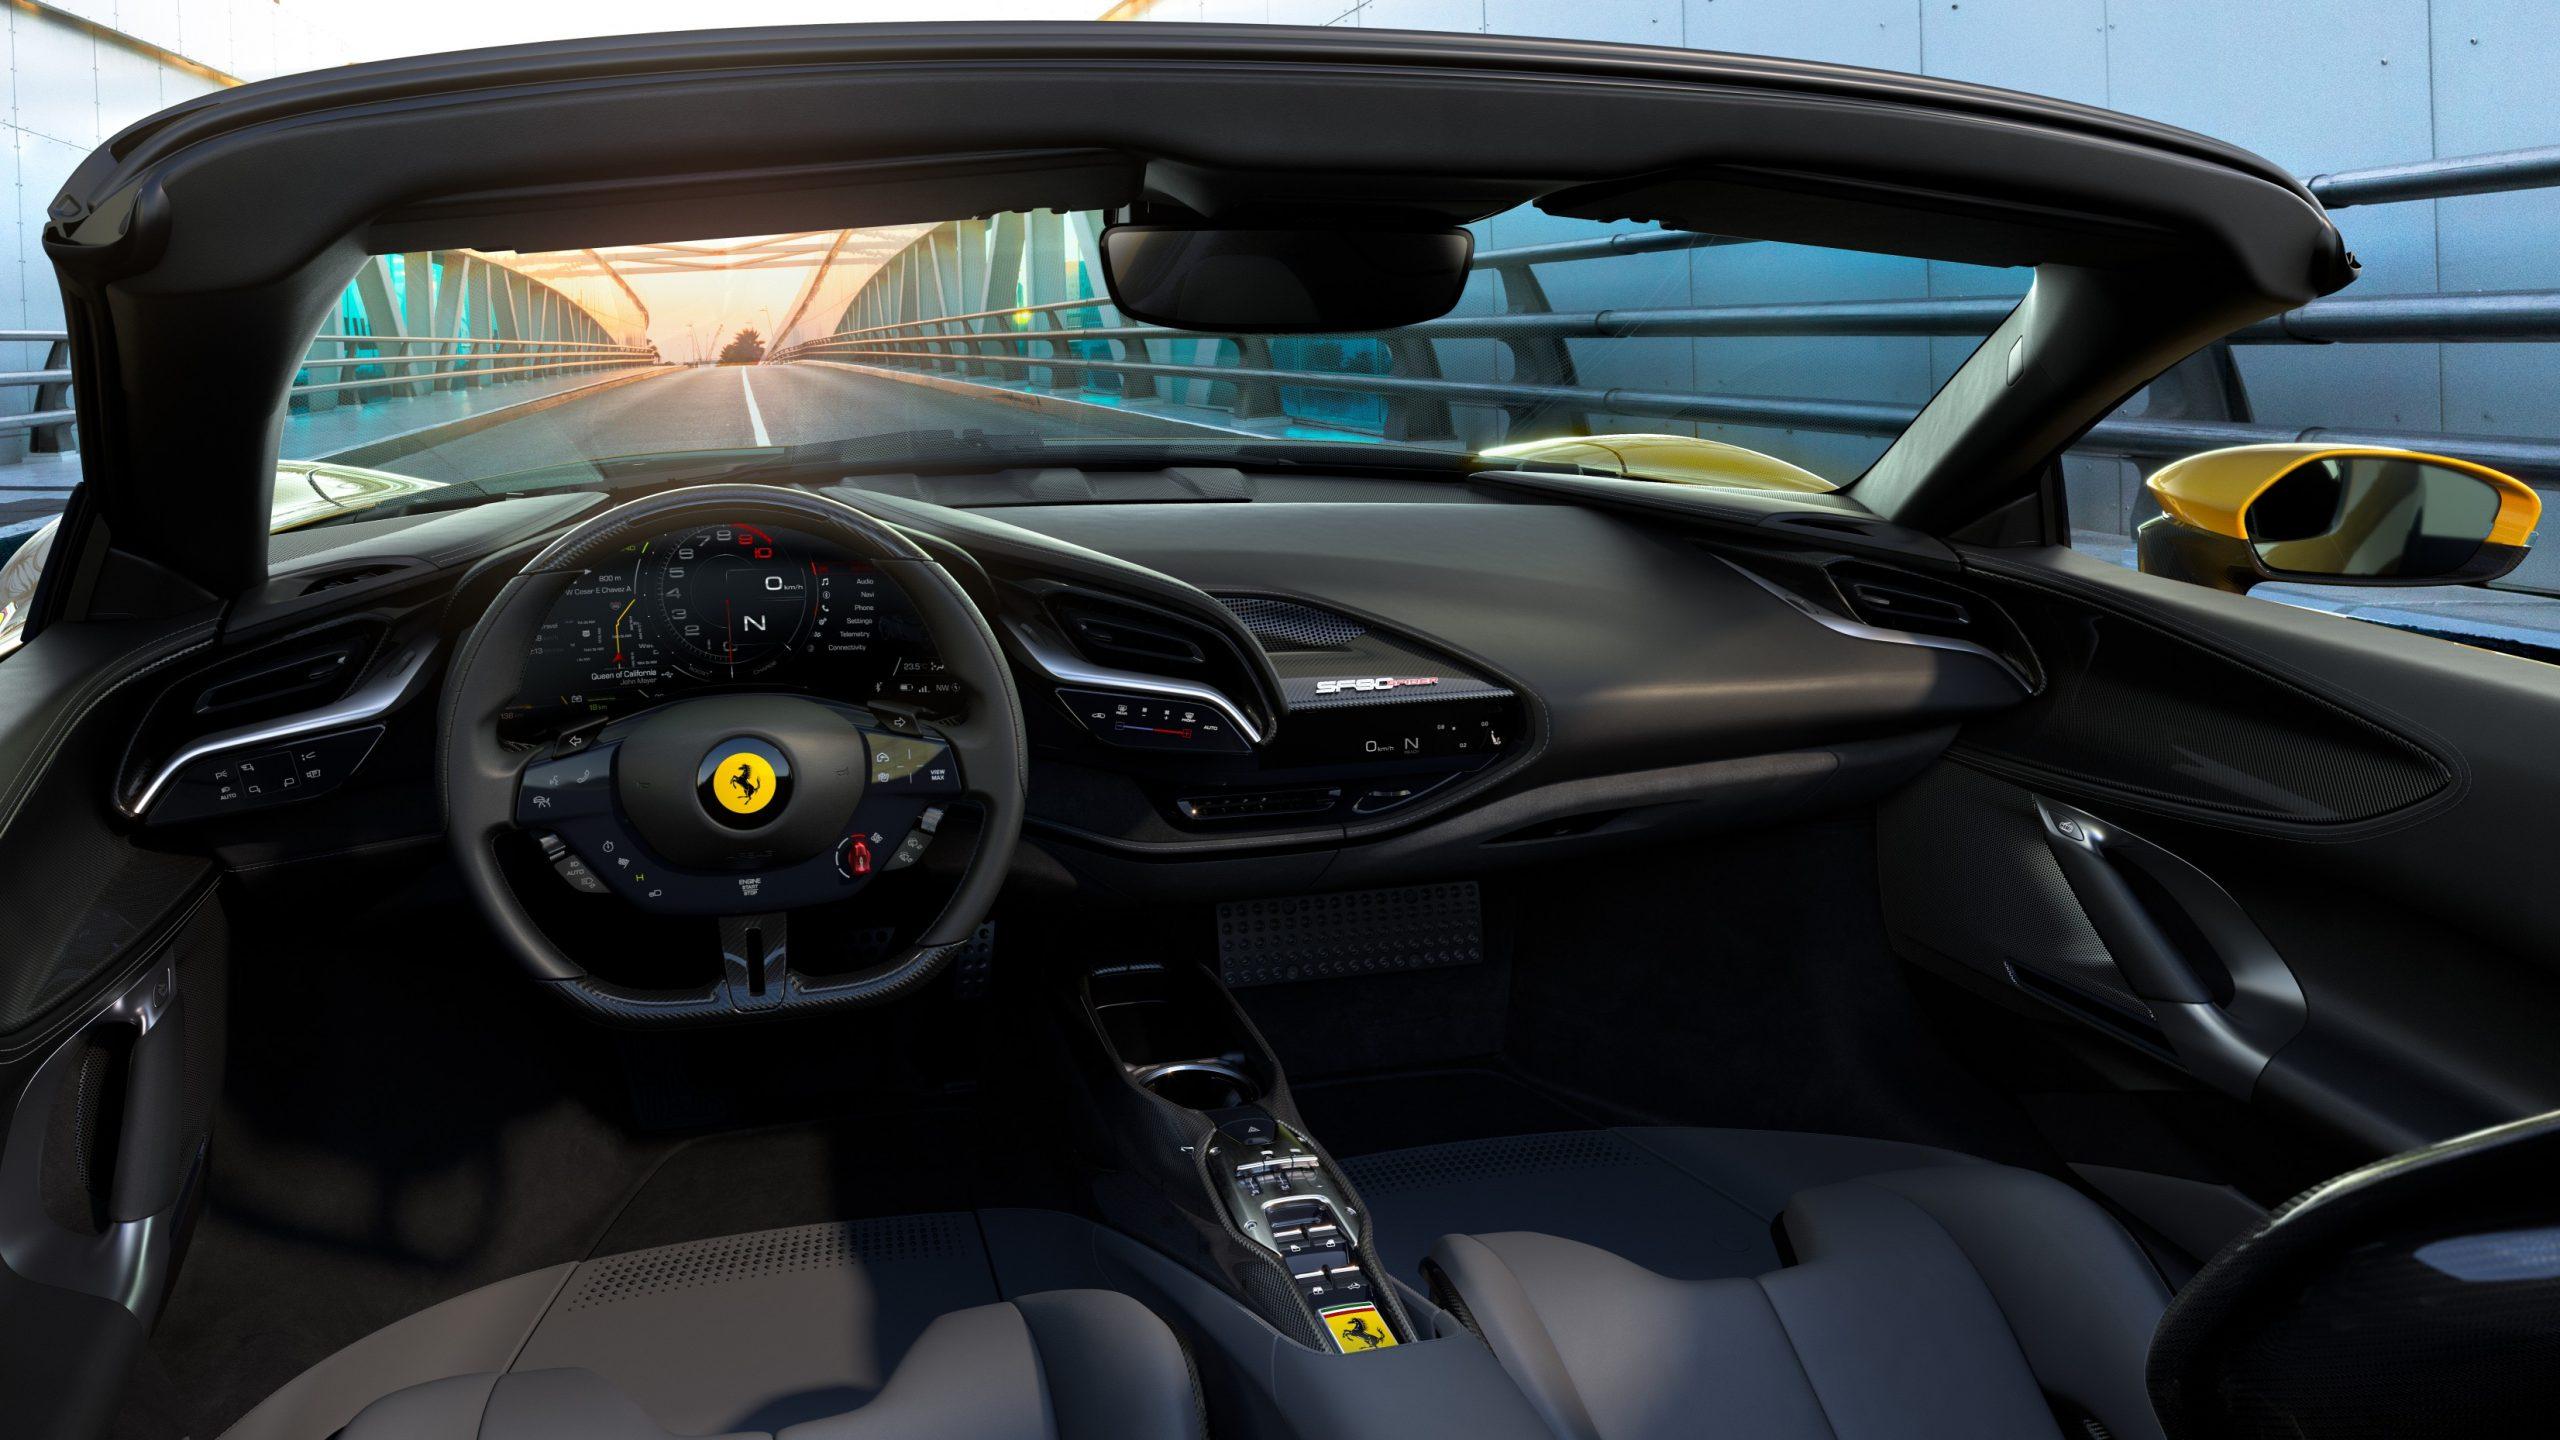 Ferrari confirma lanzamiento de su primer modelo eléctrico para 2025